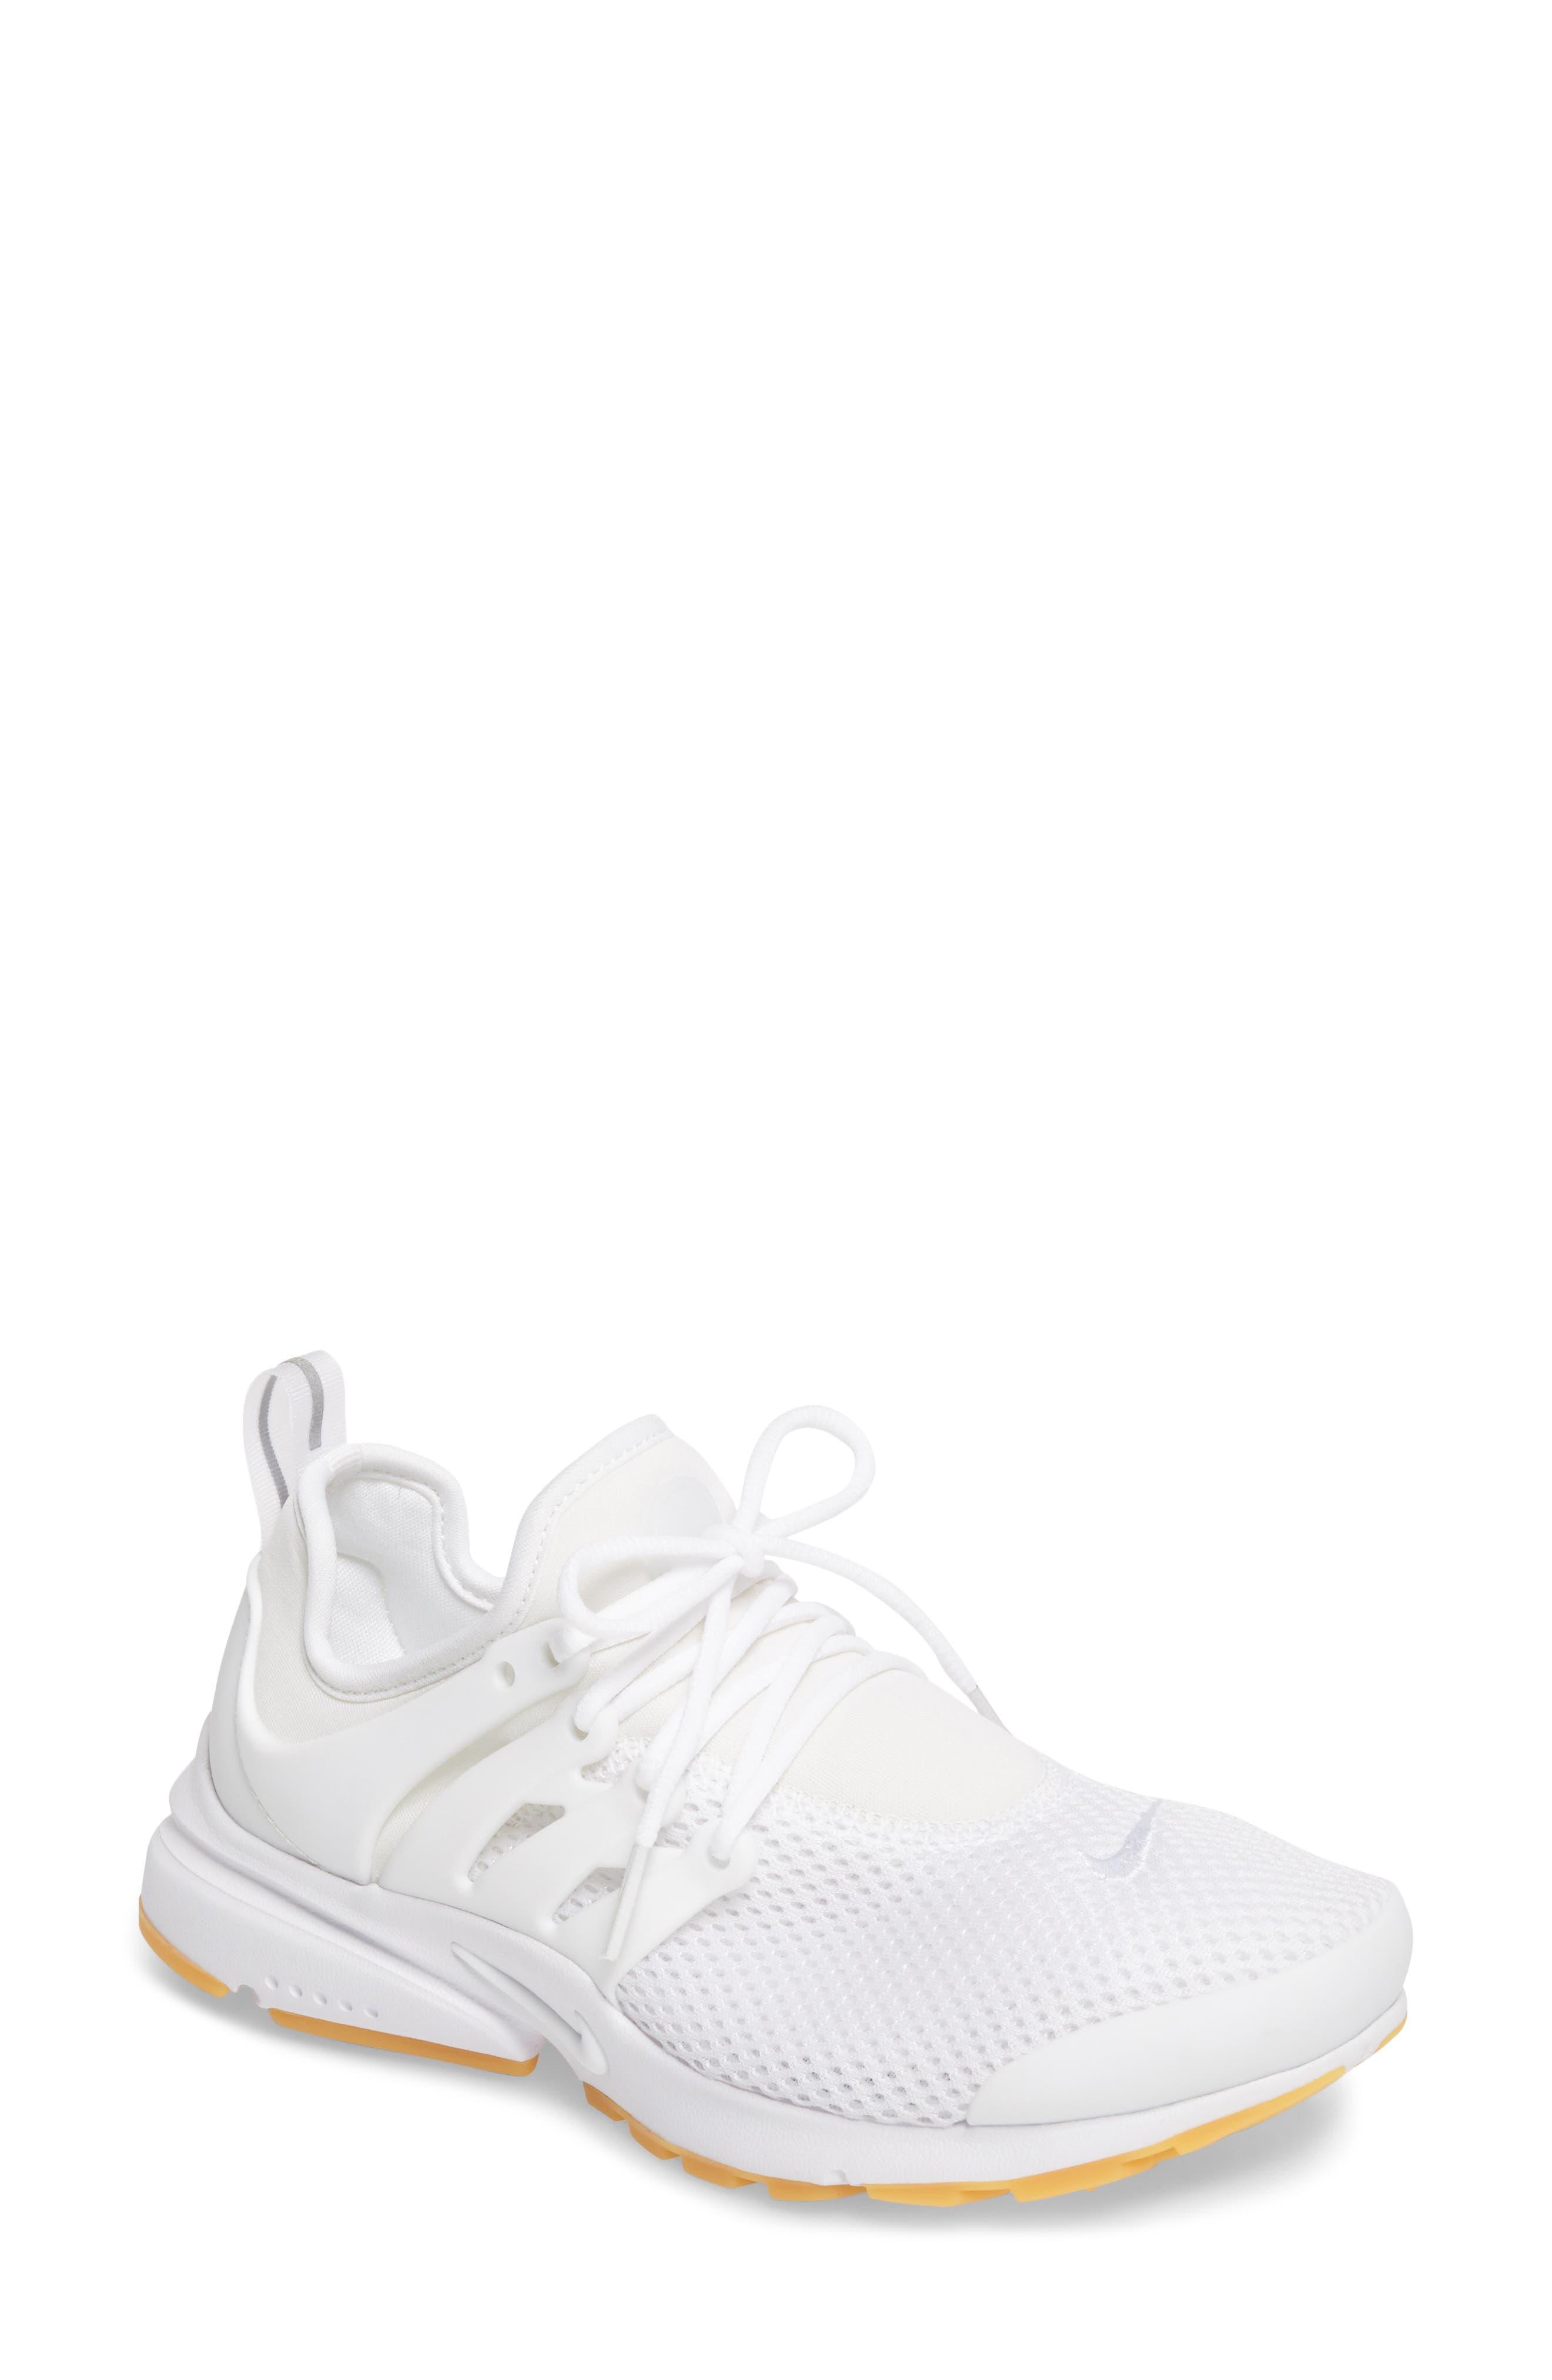 NIKE Air Presto Flyknit Ultra Sneaker